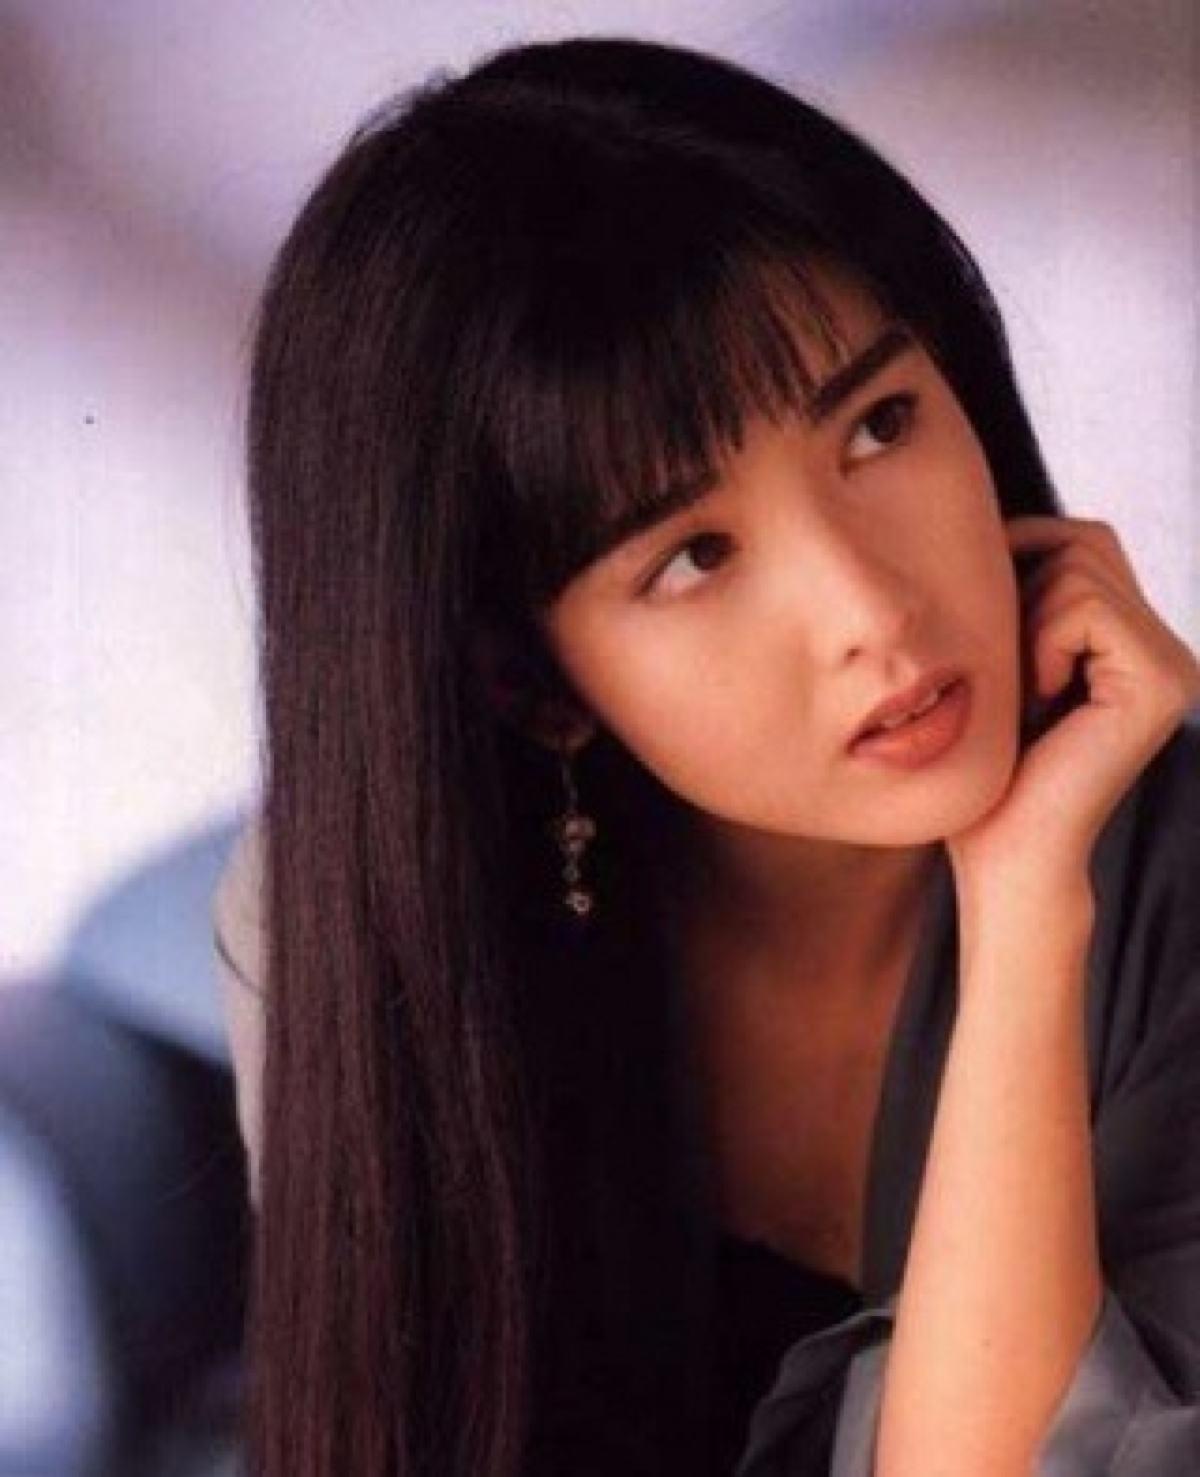 年轻�y.���-yolyf�z_周慧敏年轻时候真的是美翻了,喜欢她吗?